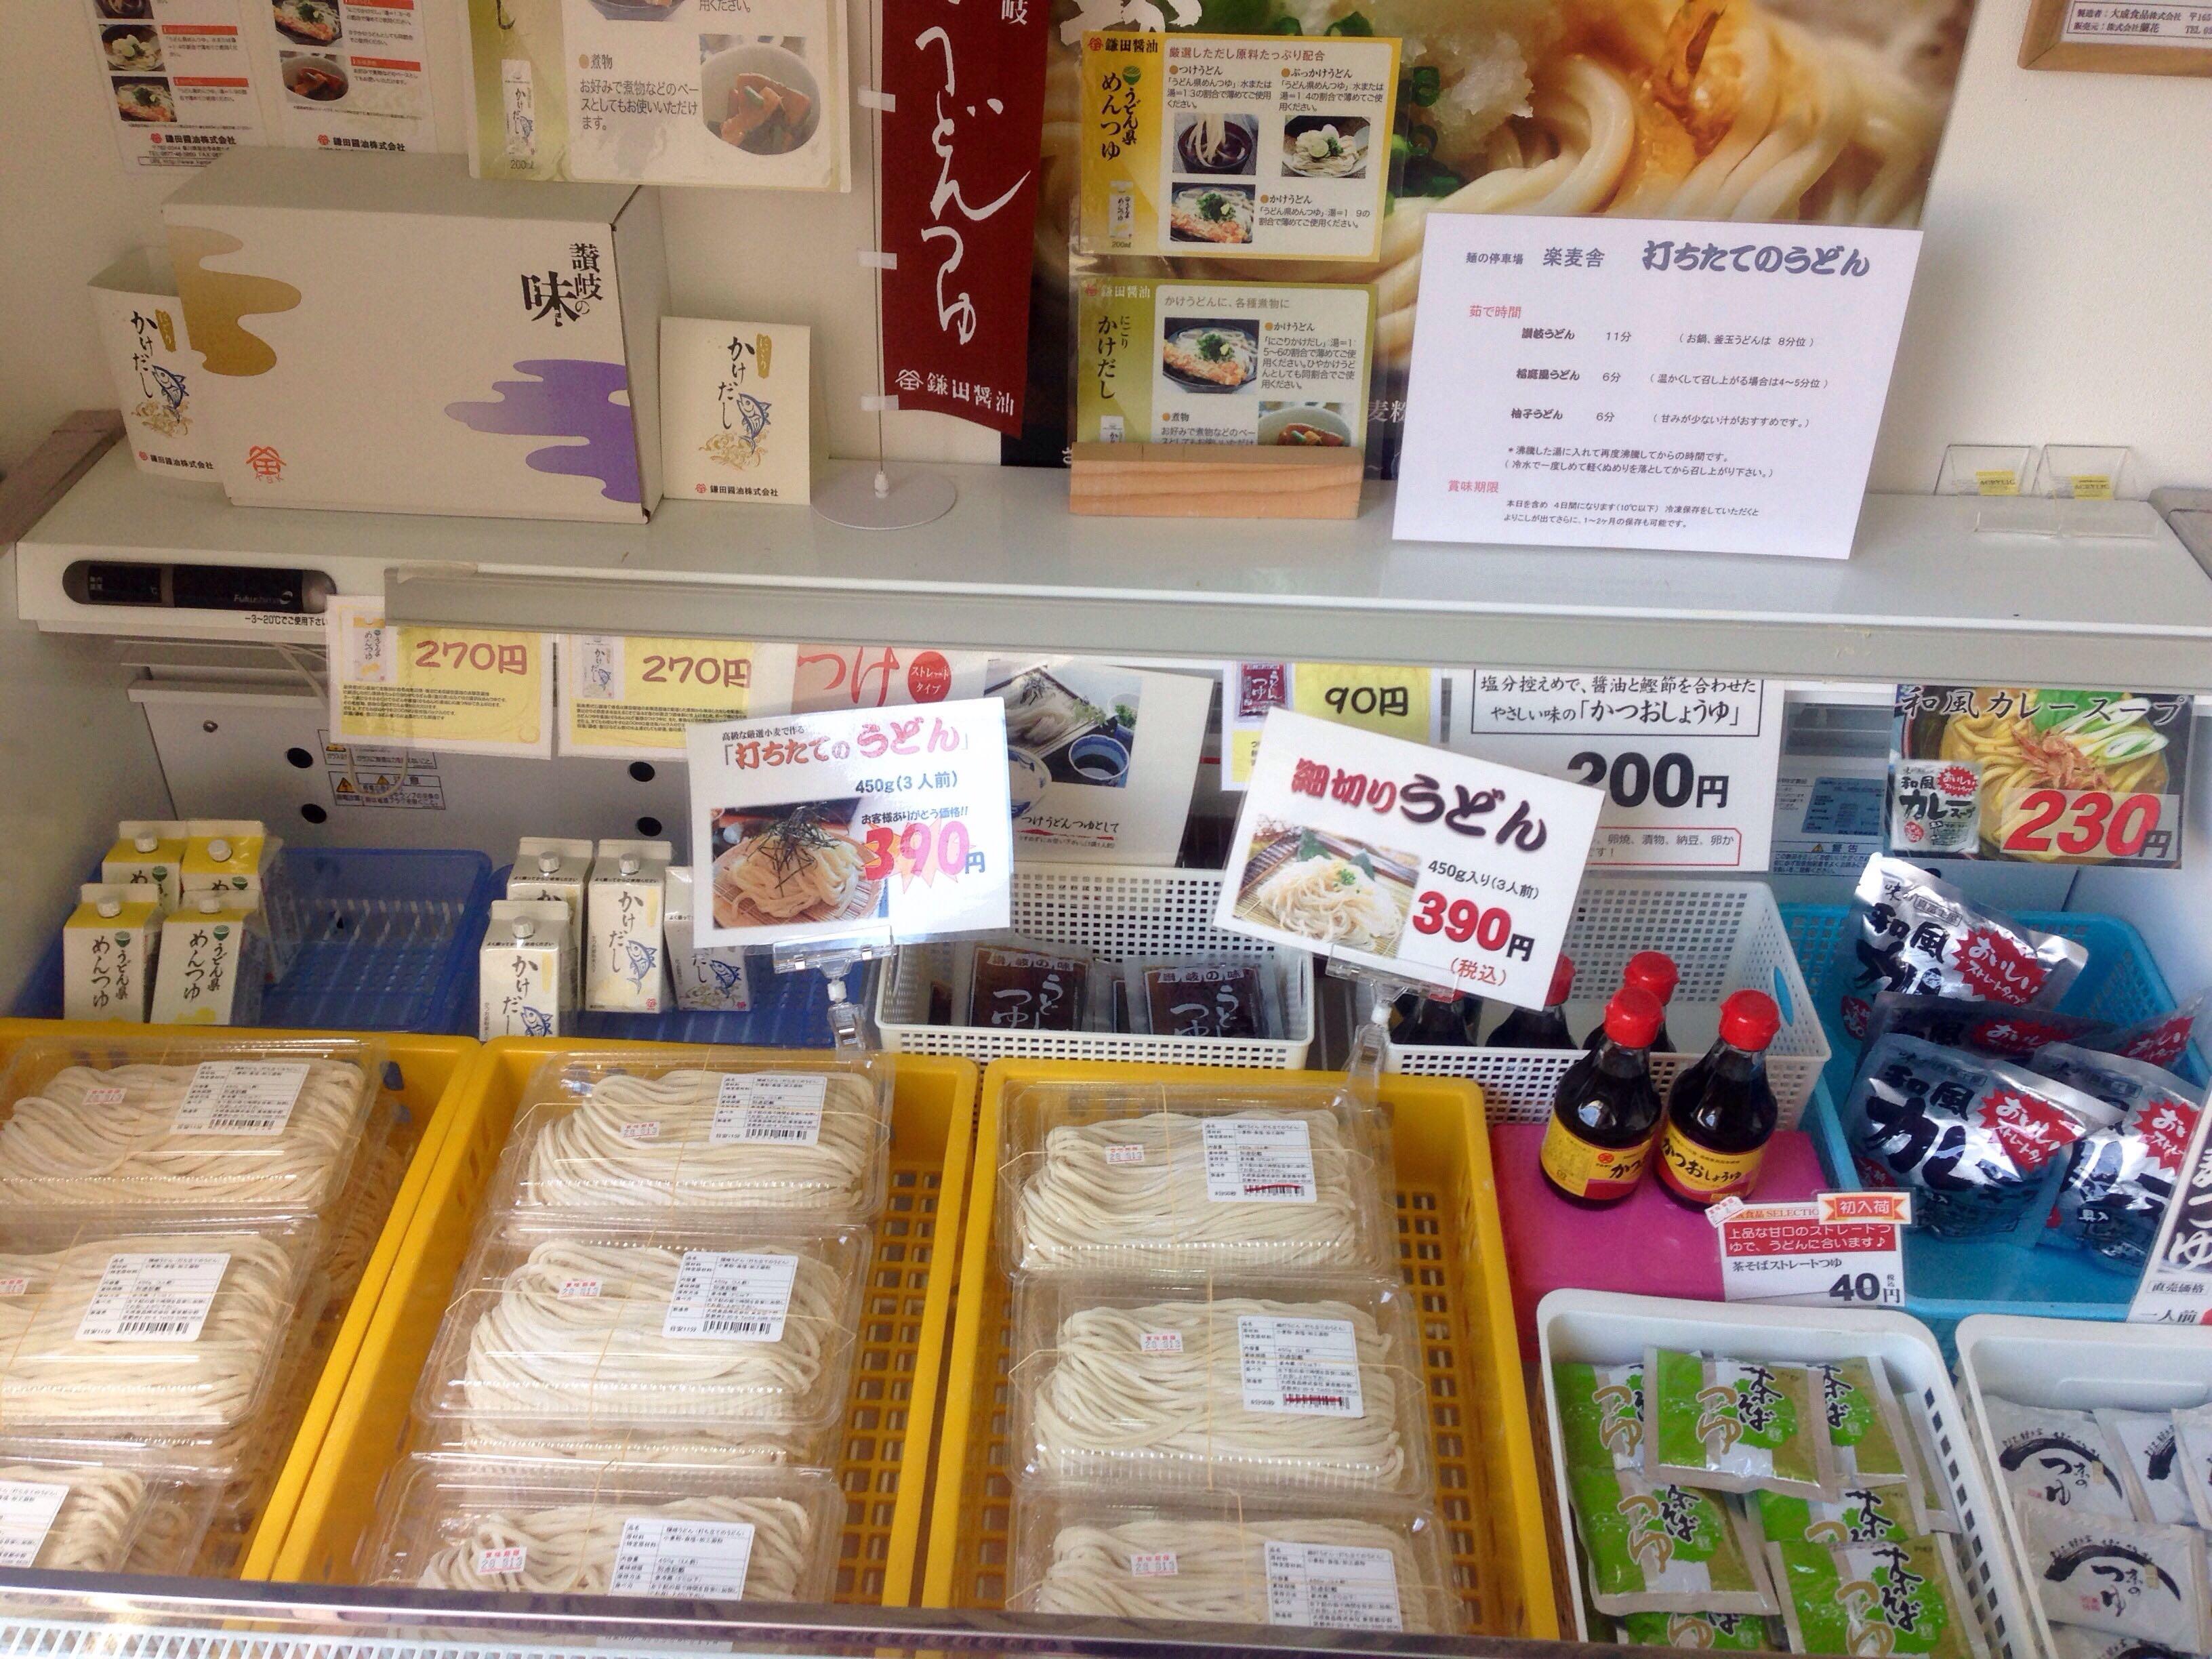 打ちたて生うどん直売会 麺の停車場楽麦舎 東京都中野区新井3-6-7 売り場